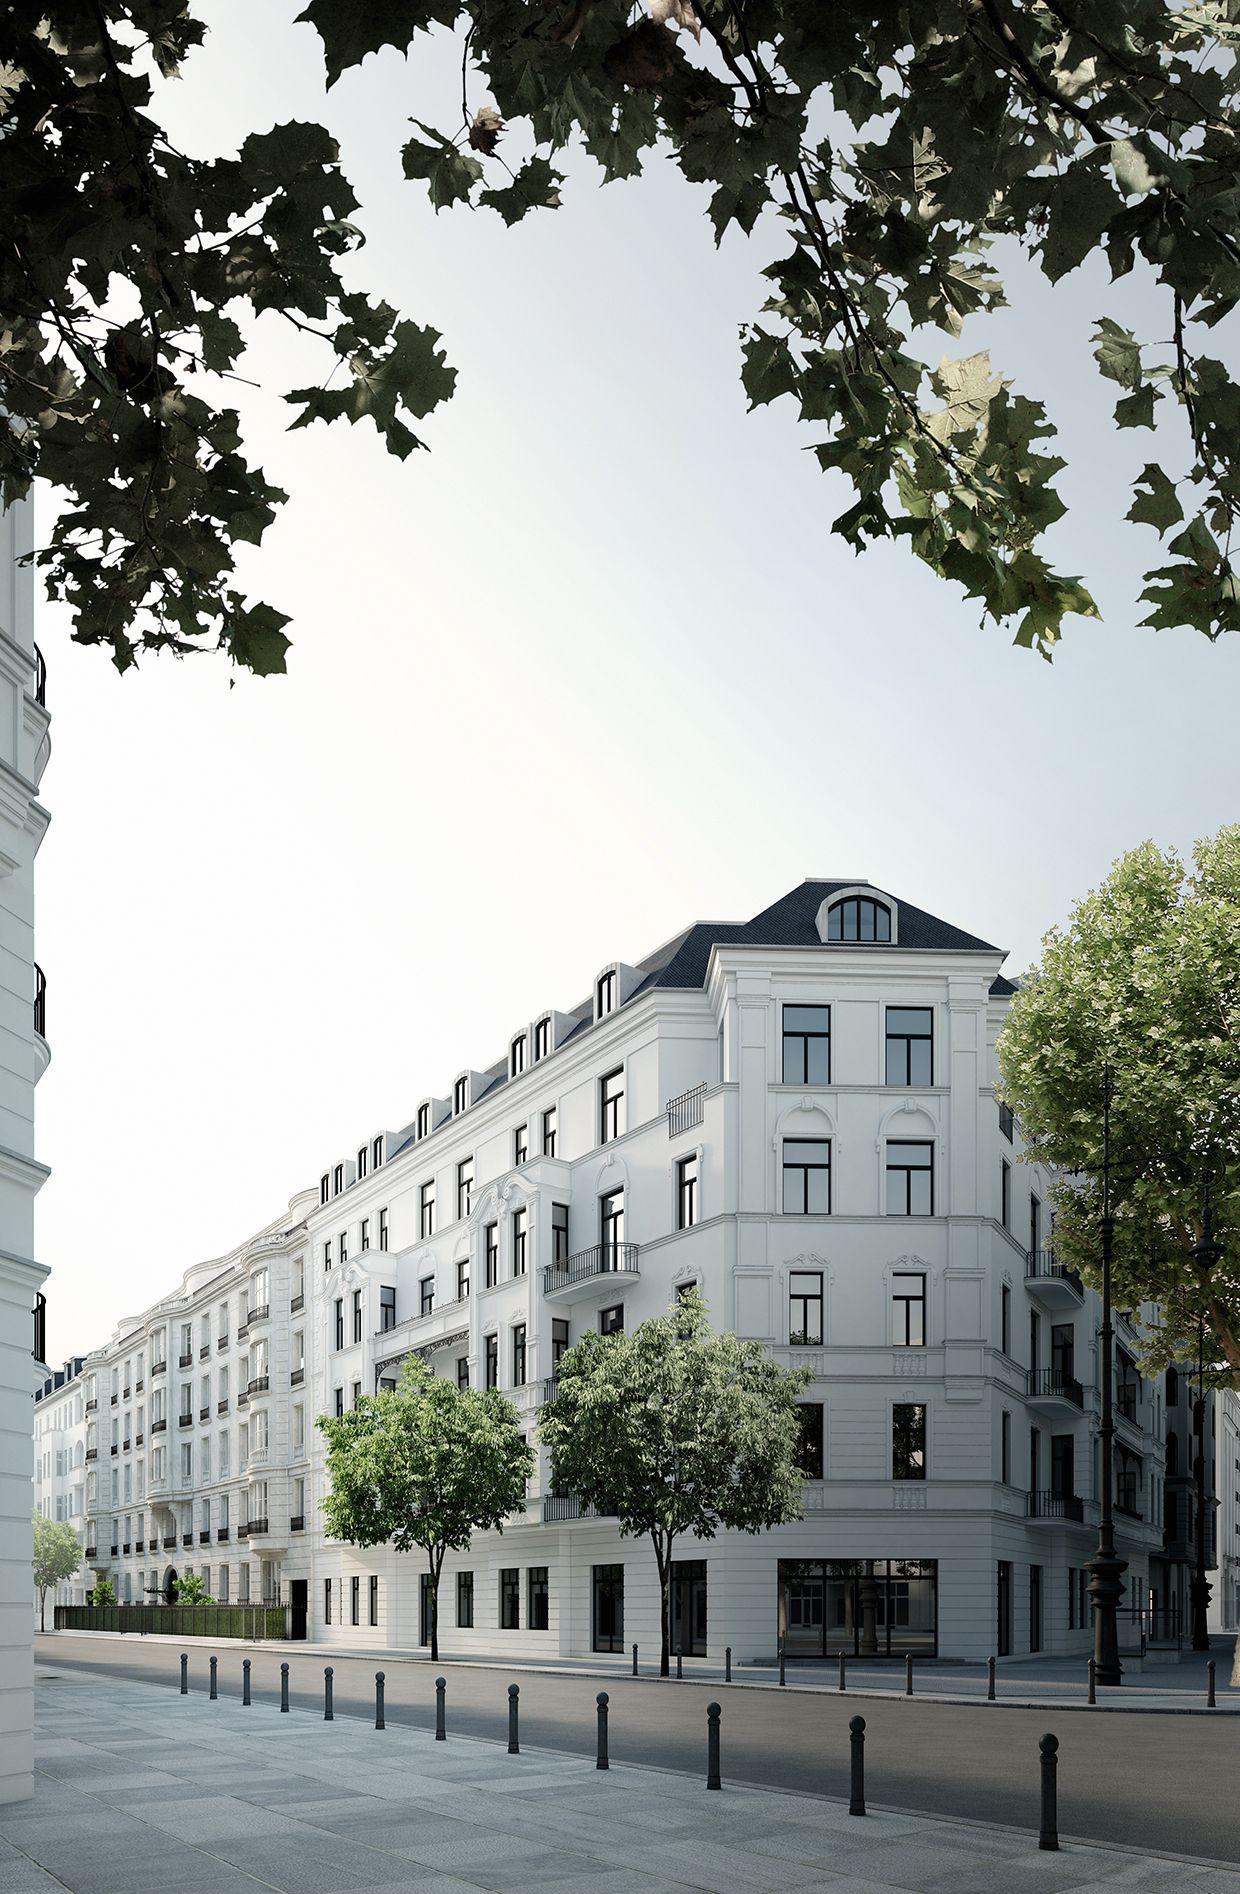 Wohnhaus mit 12 wohneinheiten berlin wilmersdorf - Architekturvisualisierung berlin ...